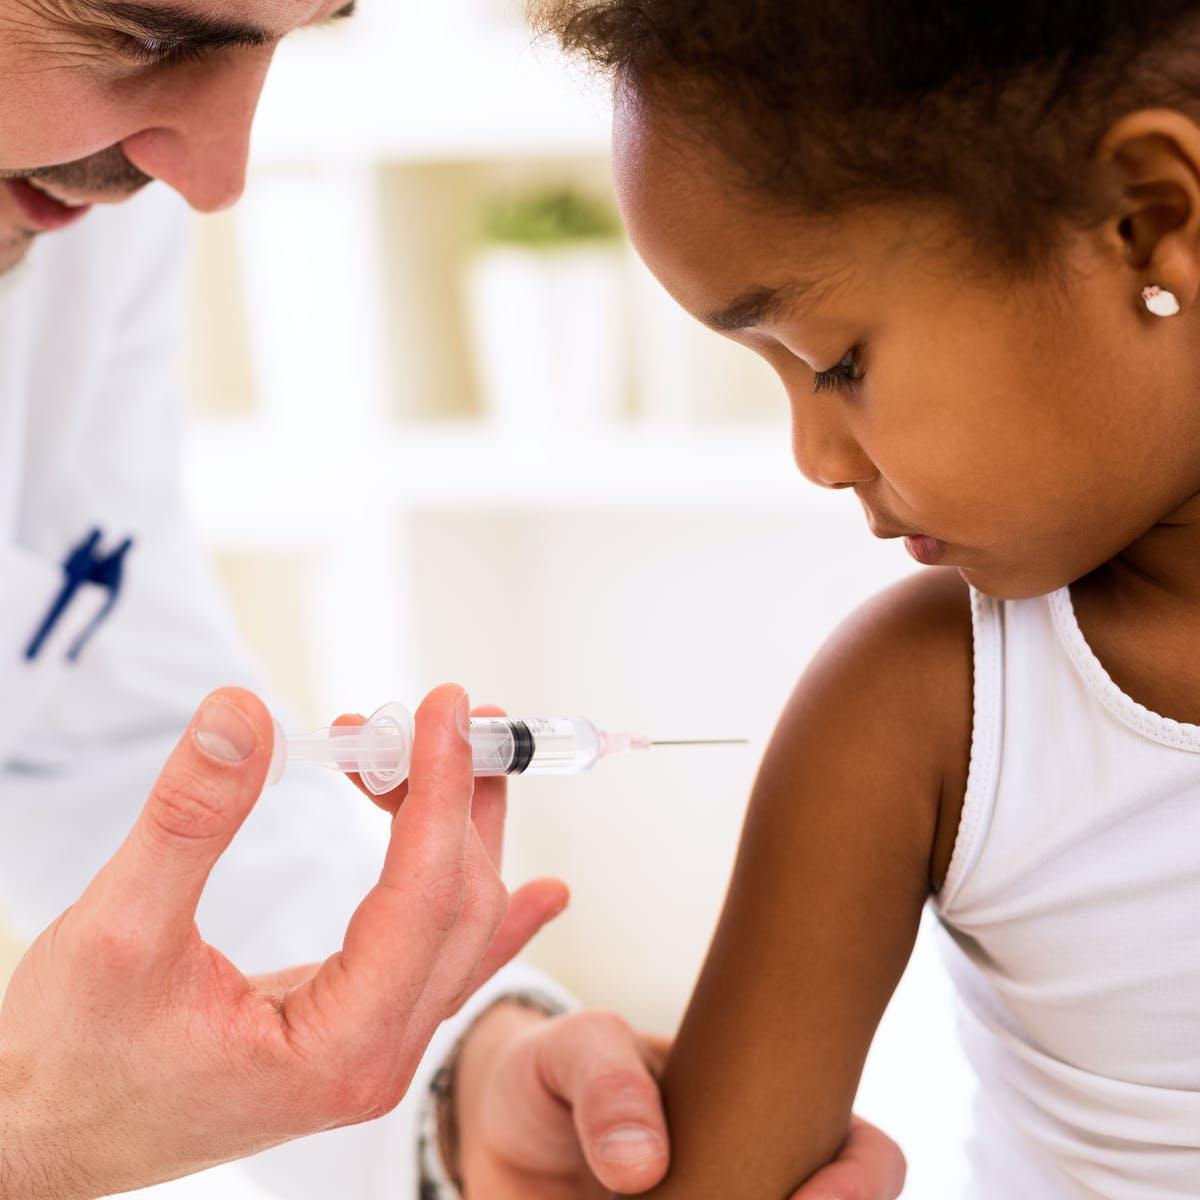 واکسن آنفلوانزا از کودکان مقابل کرونا محافظت می کند؟